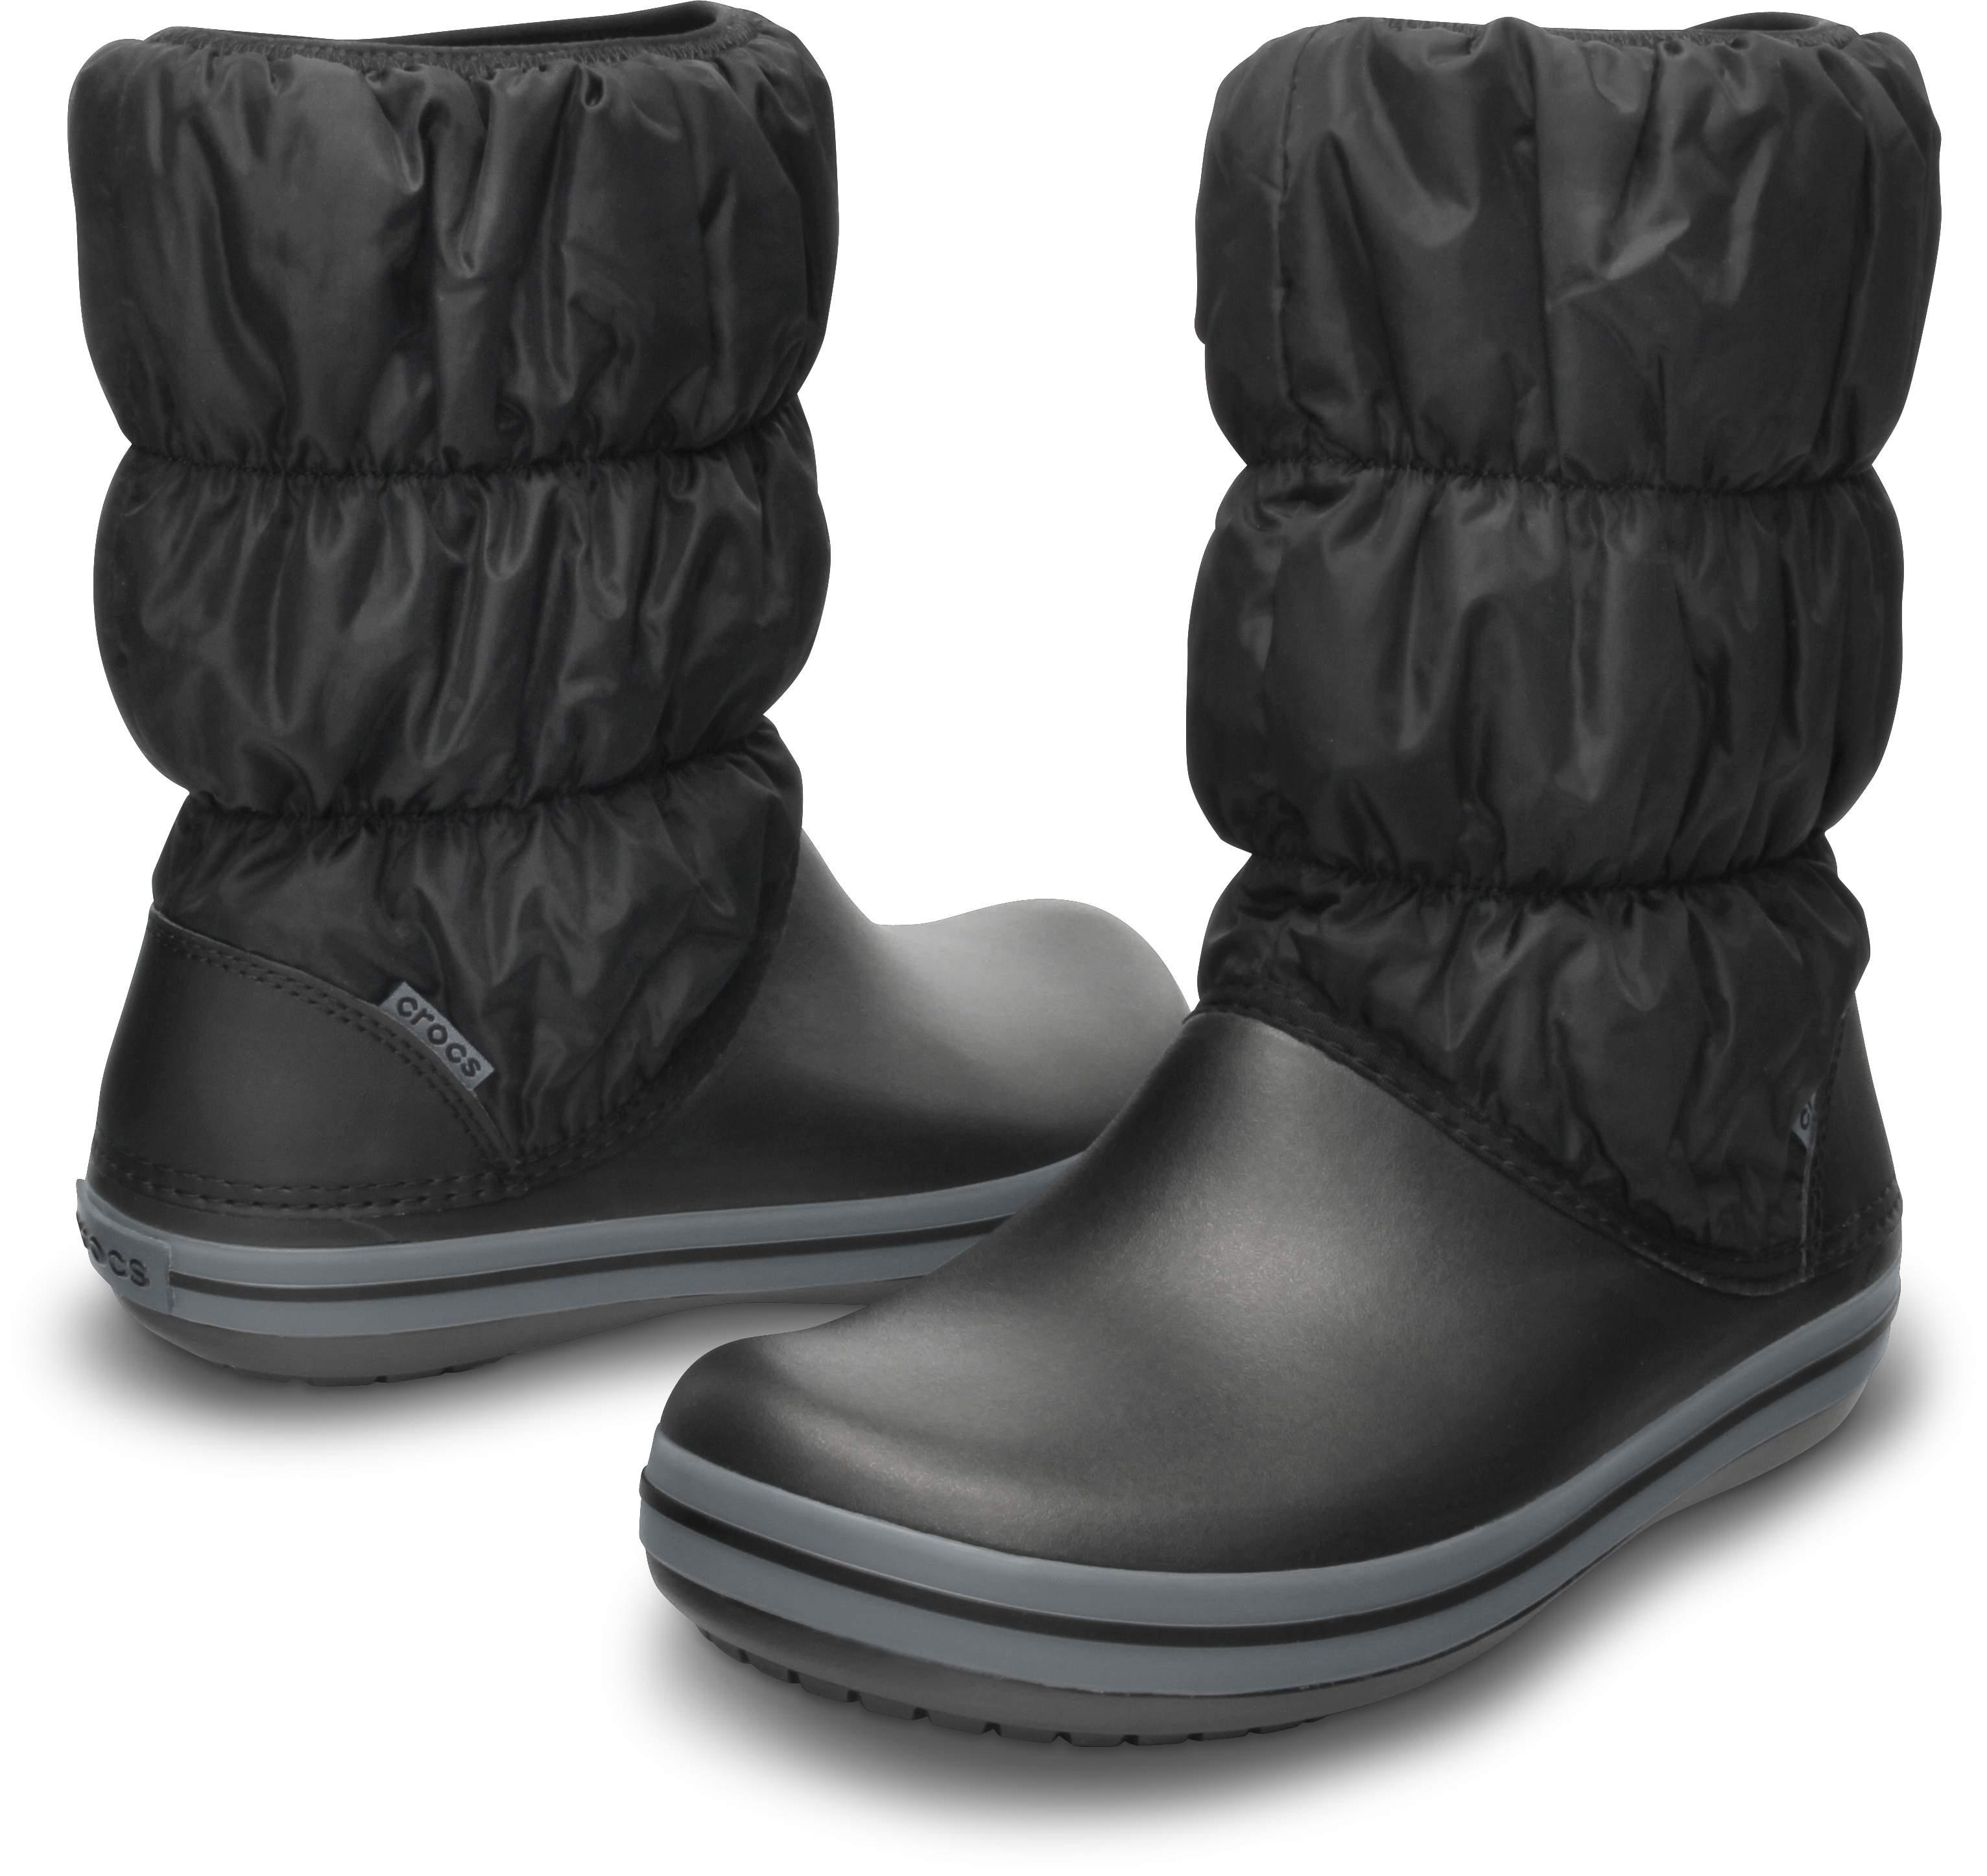 【クロックス公式】 ウィンター パフブーツ ウィメン Women's Winter Puff Boot ウィメンズ、レディース、女性用 ブラック/黒 22cm,23cm,24cm,25cm,26cm boot ブーツ 20%OFF